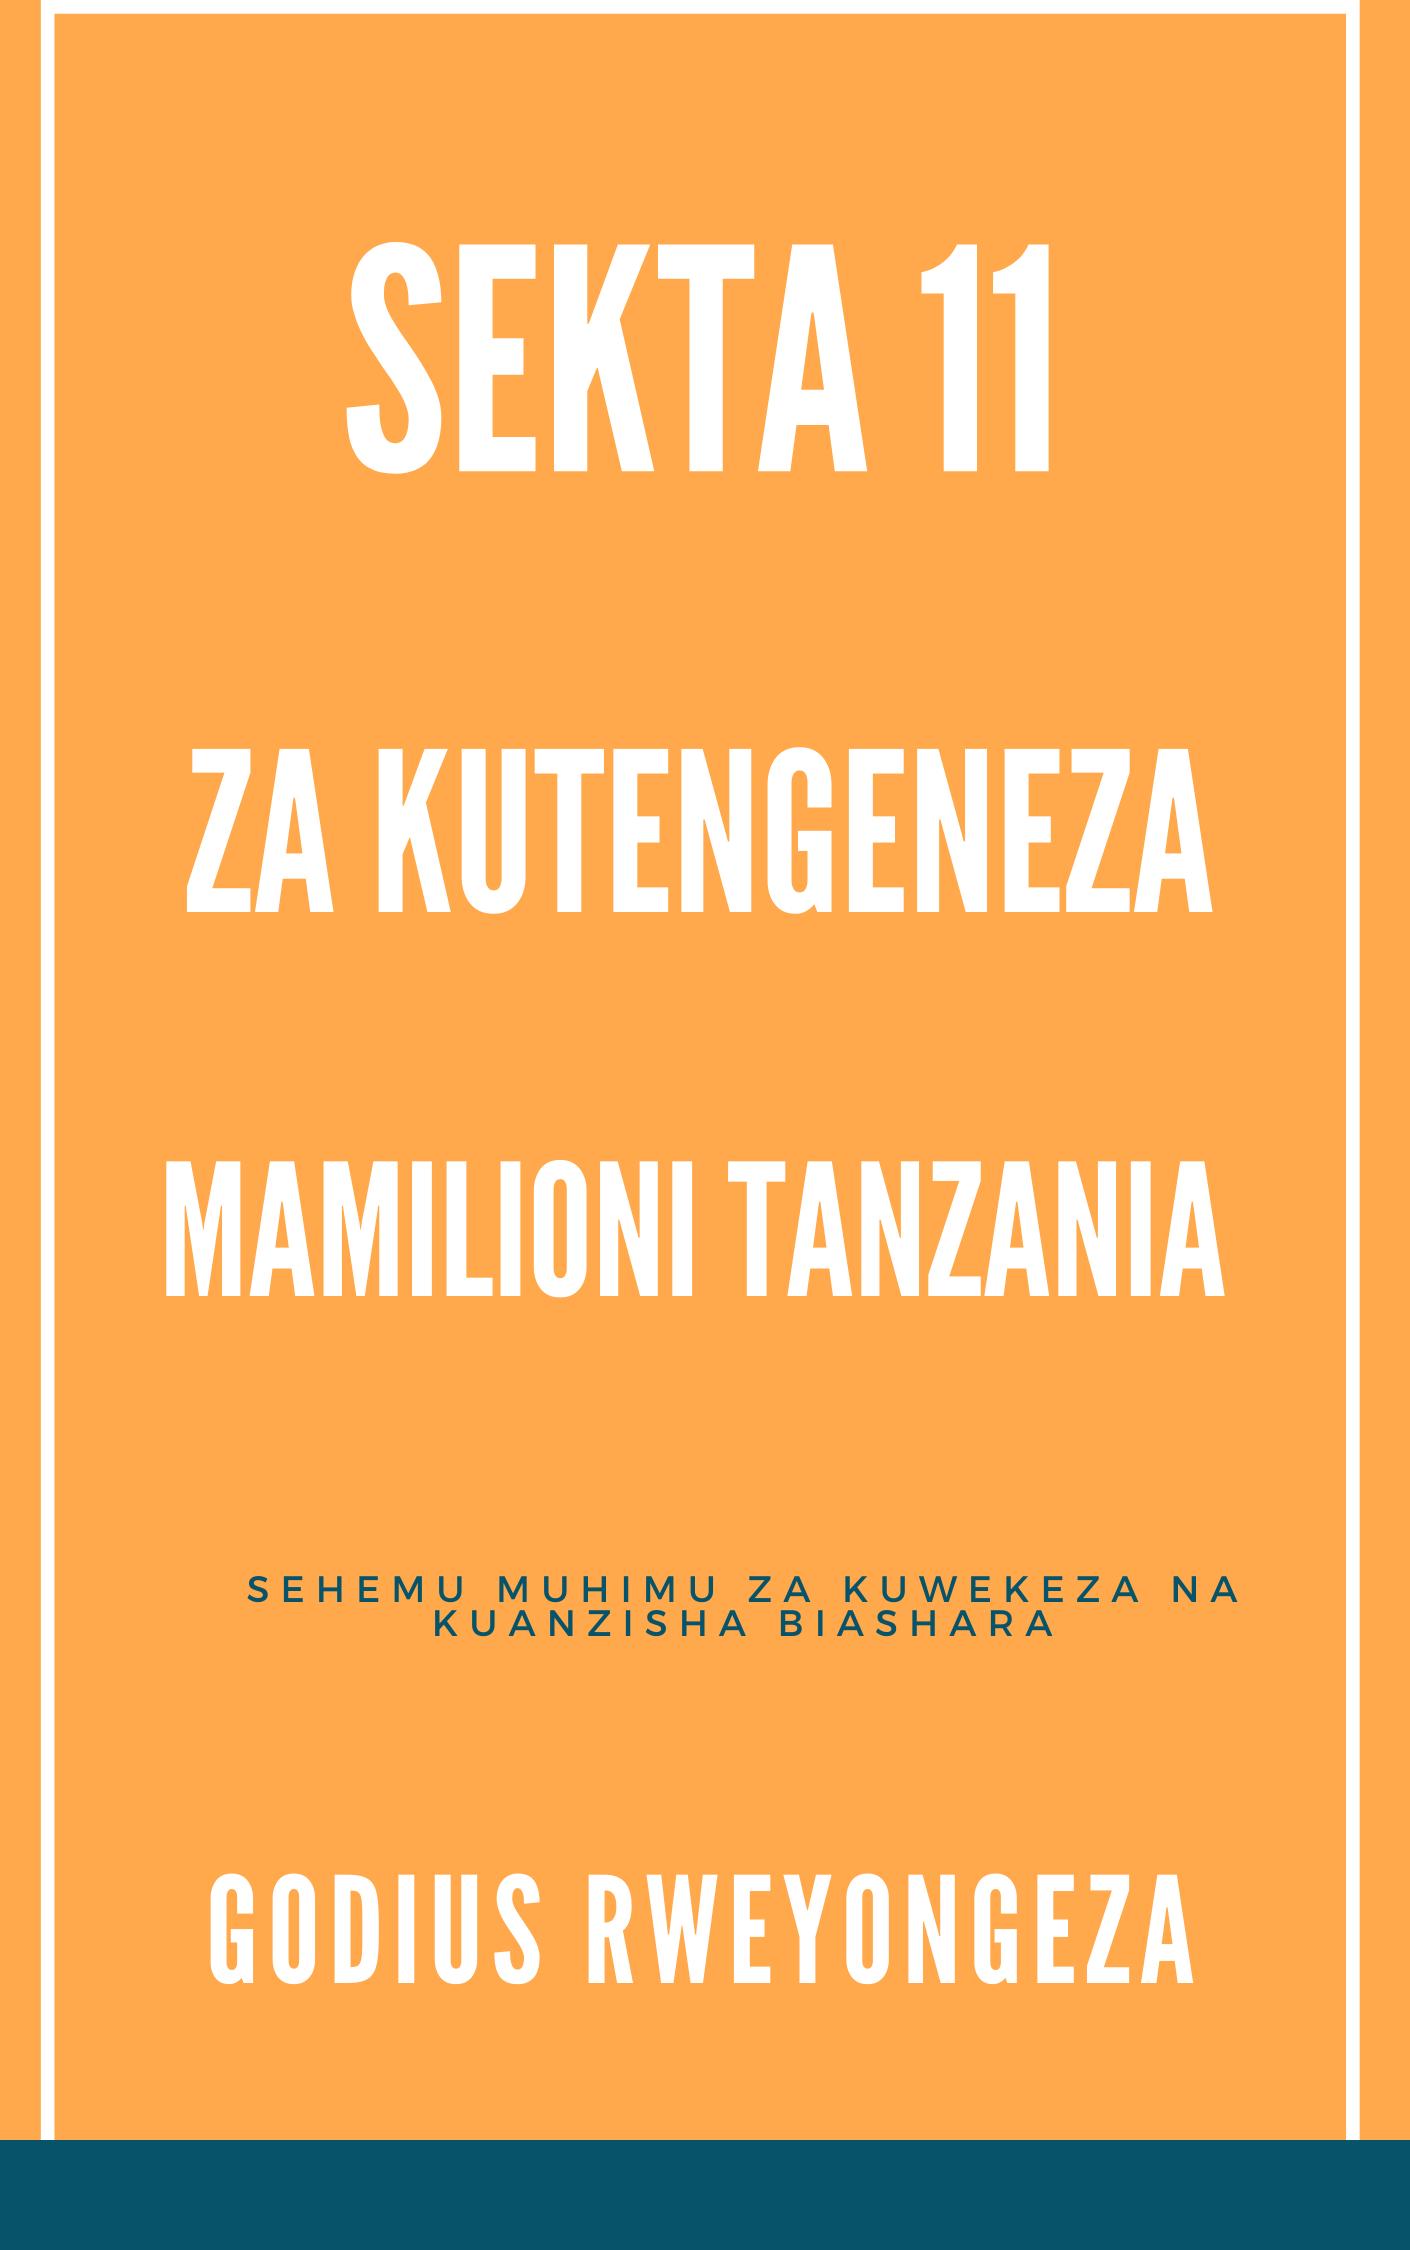 Sekta 11 Za Kutengeneza Mamilioni Ya Fedha Tanzania